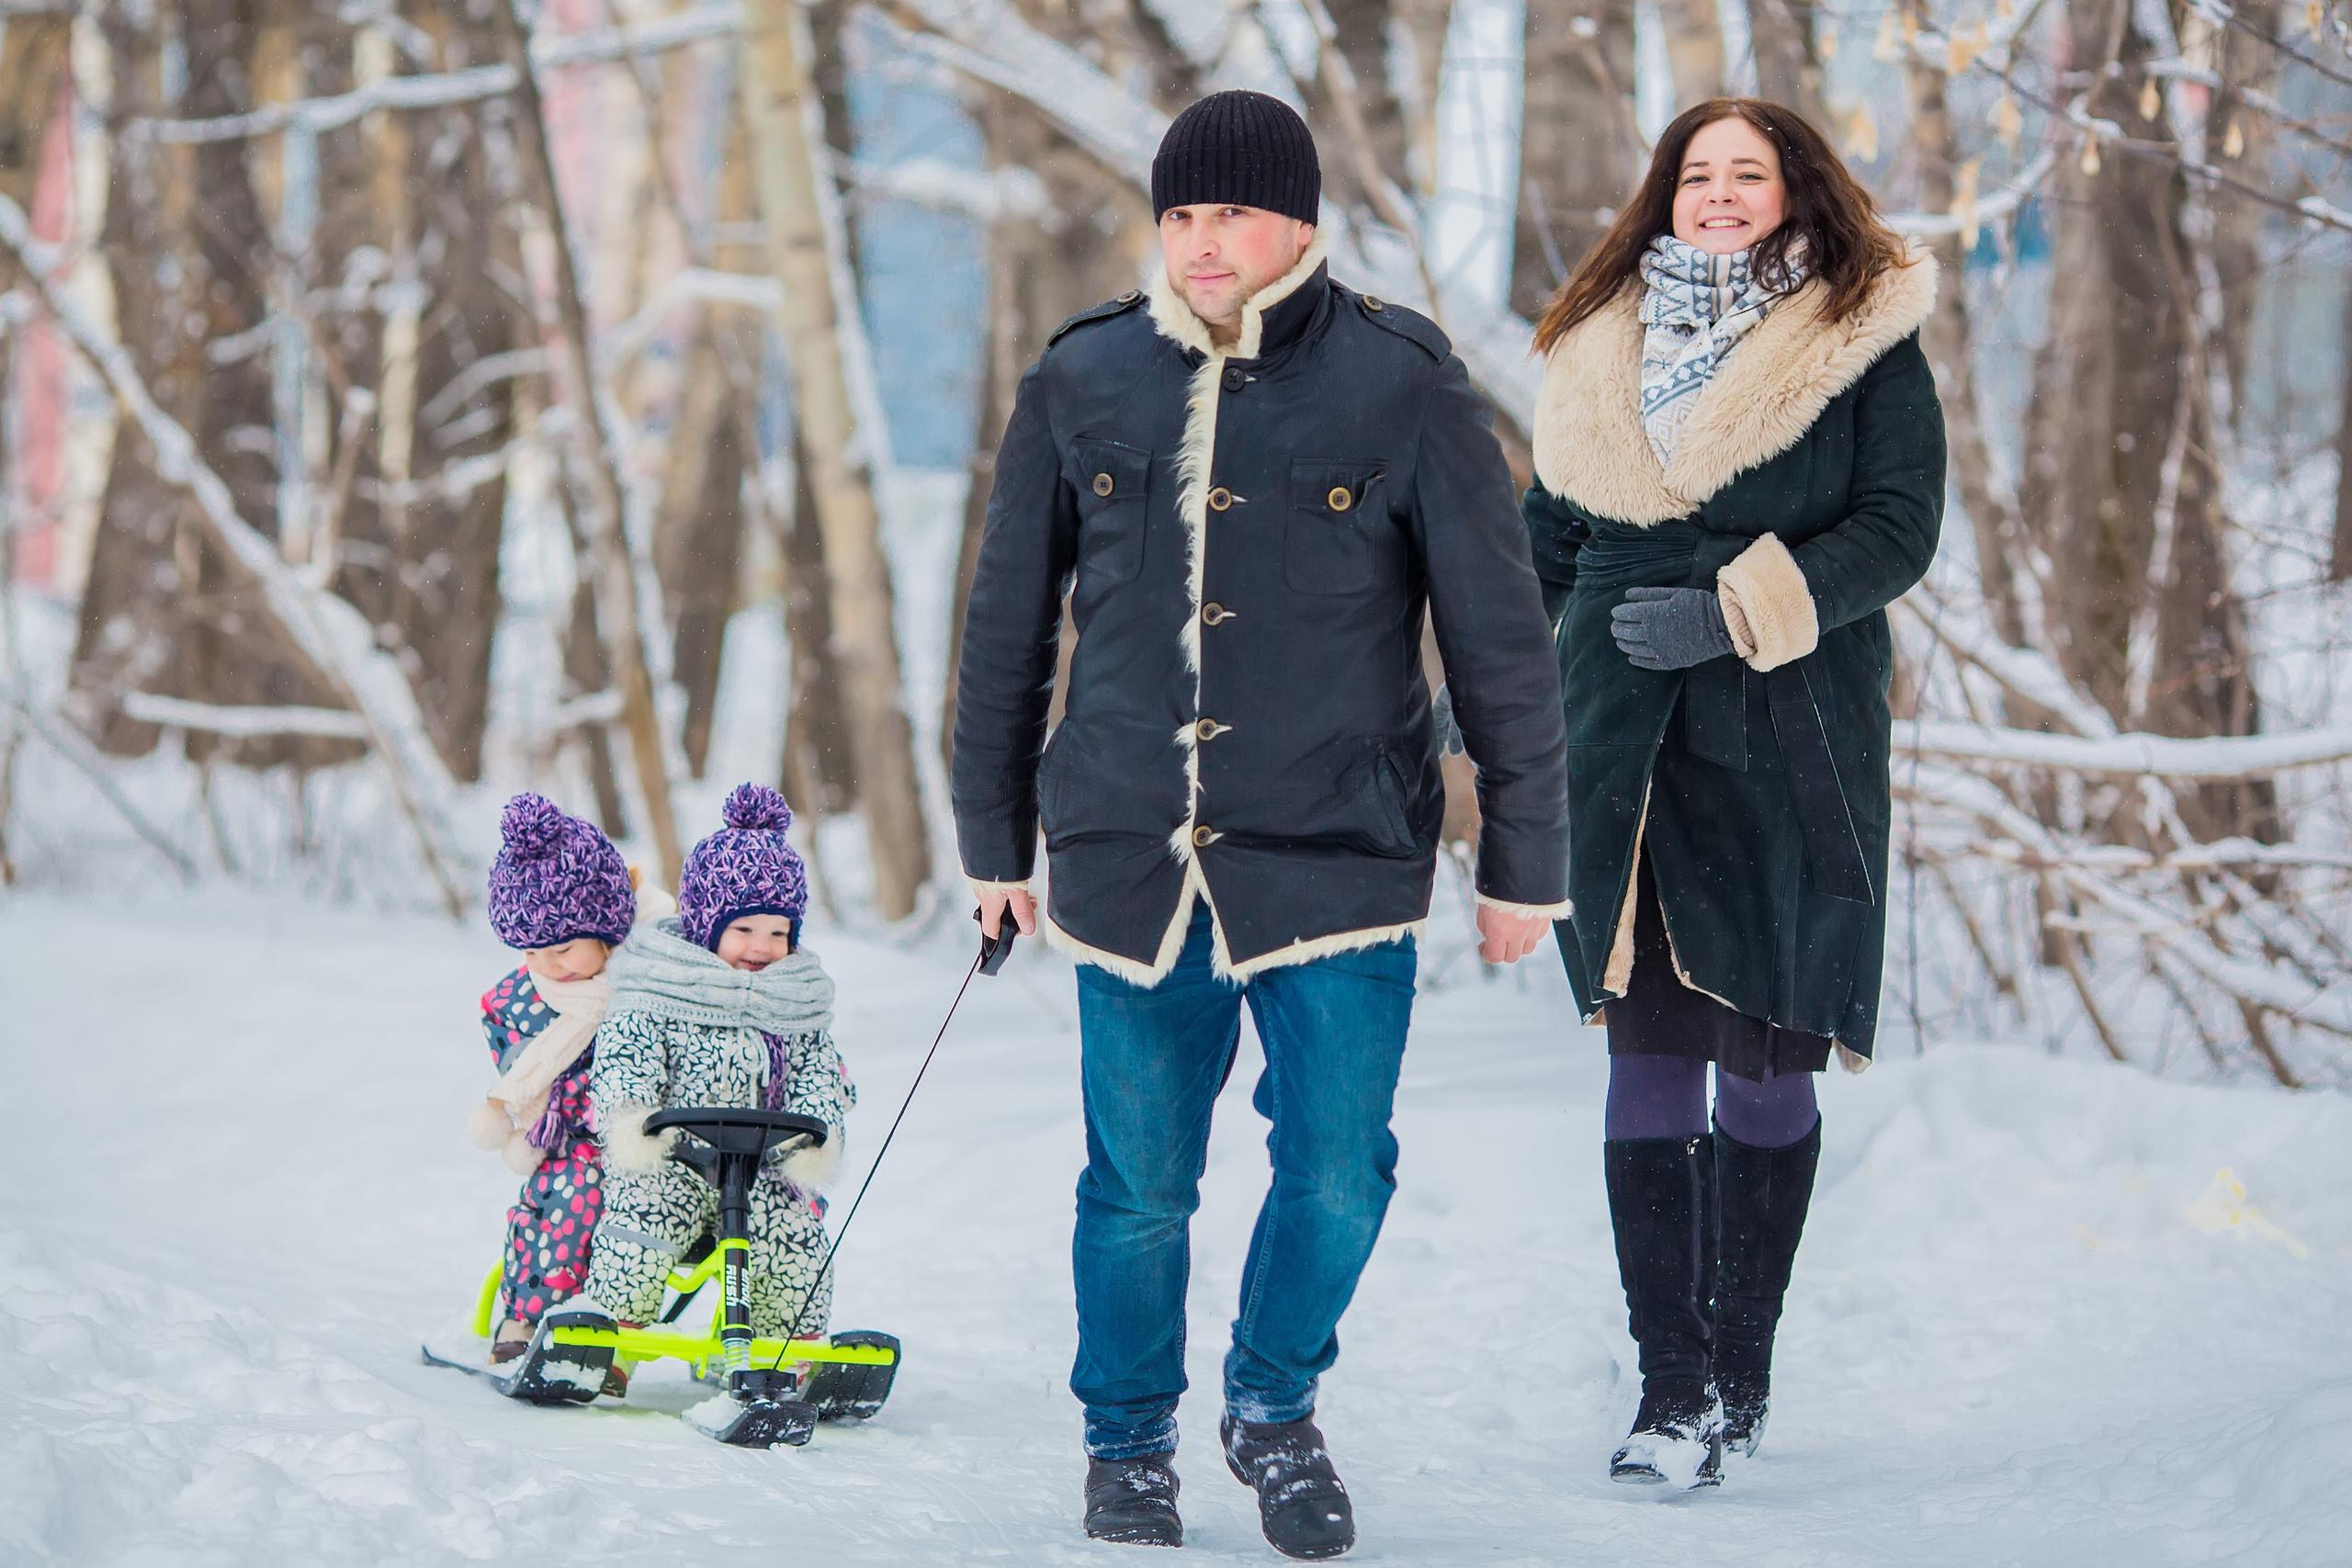 Вместе весело гу. Веселая зима